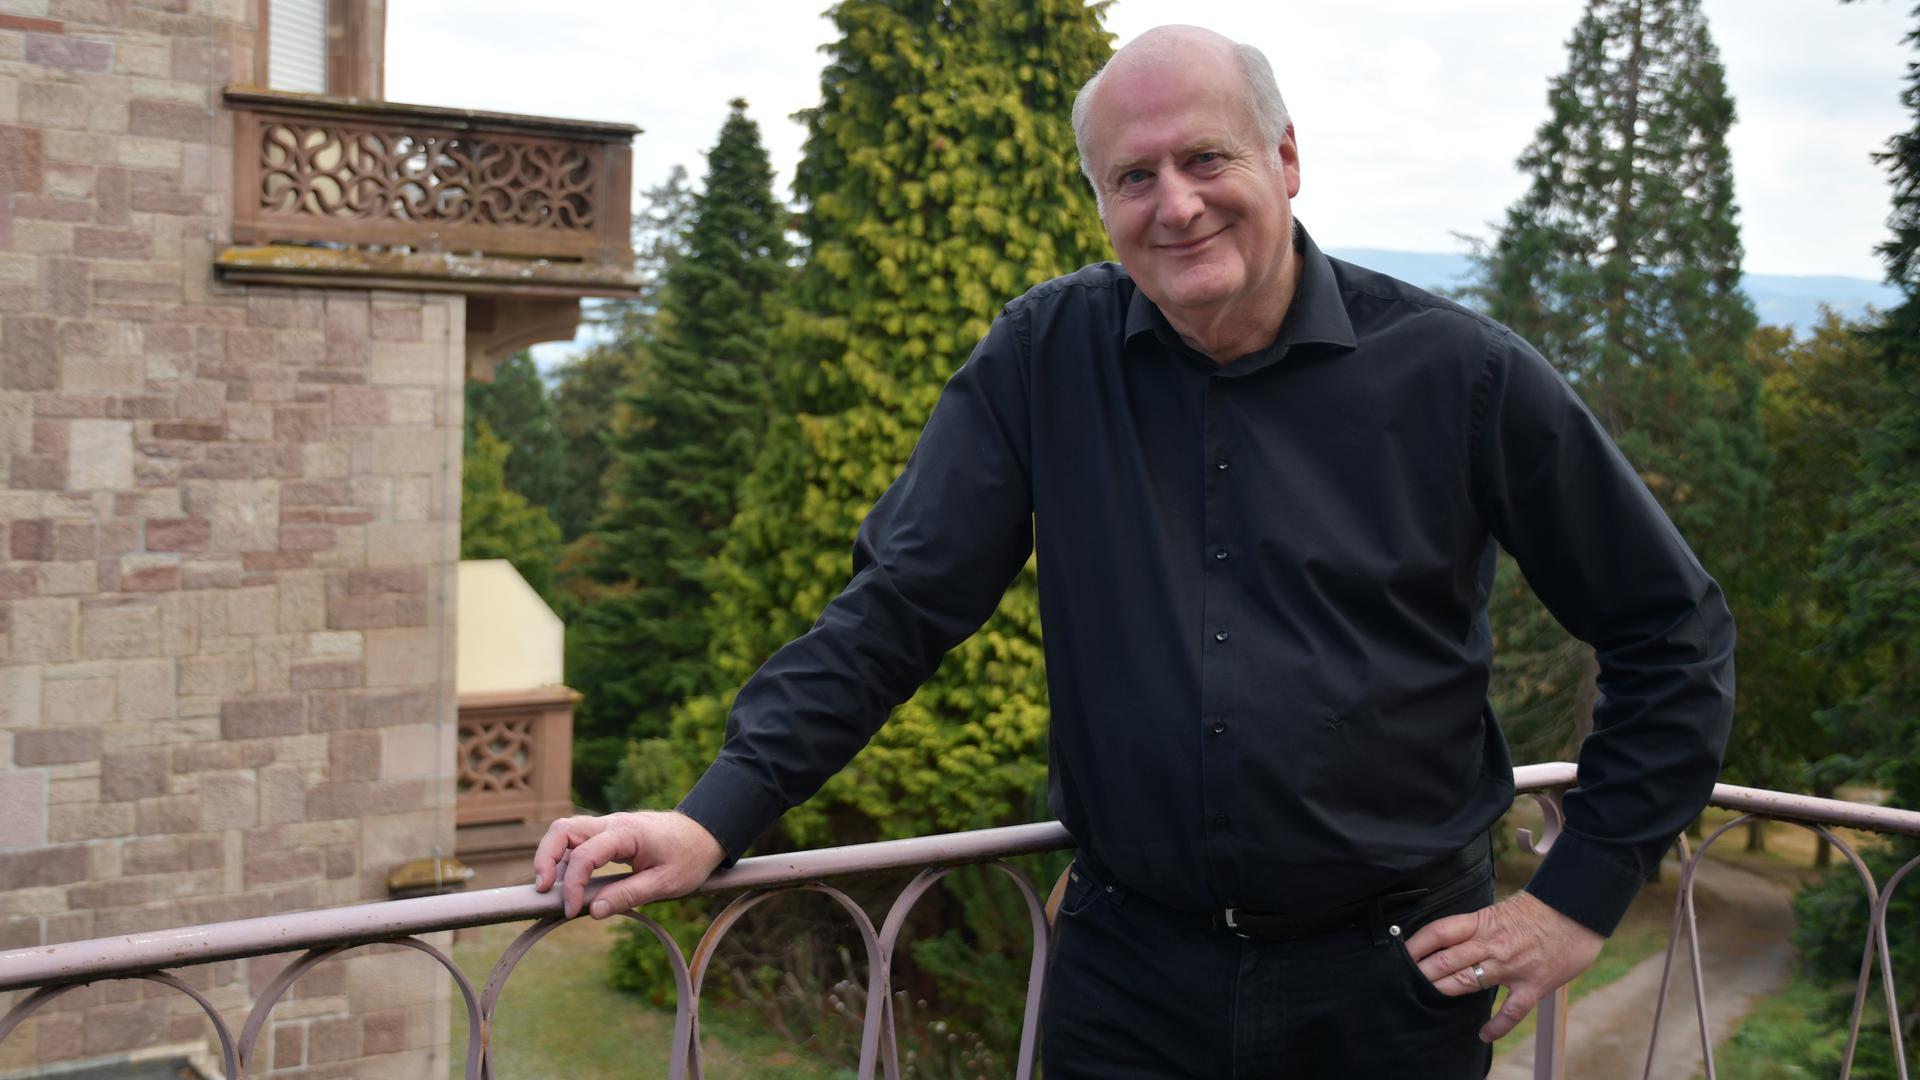 Jürgen Jung steht auf einem Balkon. Im Hintergrund sind Teile der Klinik und Wald zu sehen.